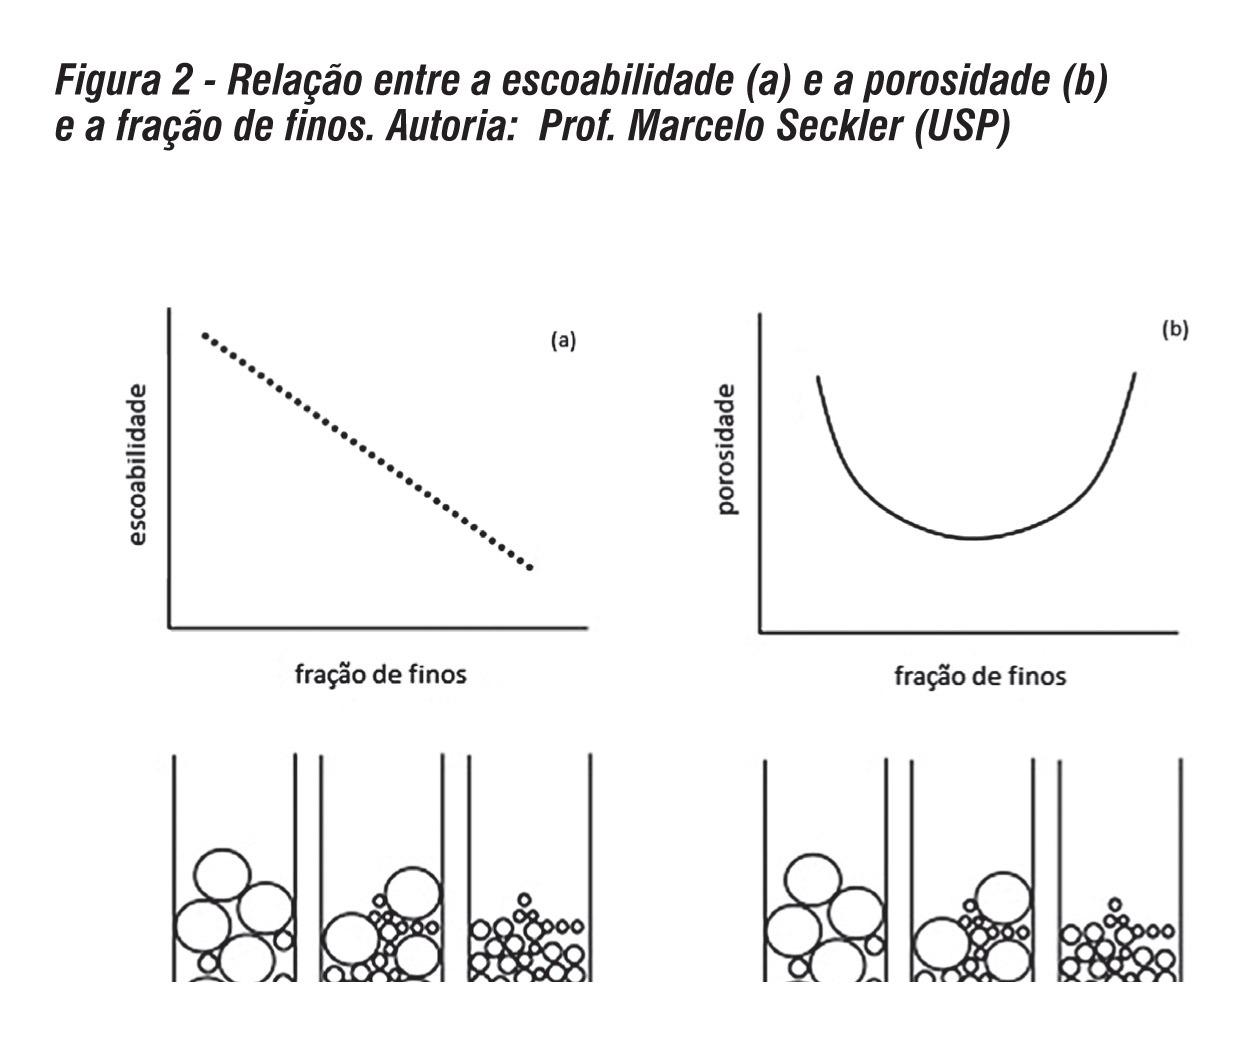 Química e Derivados - ABEQ Cristalização: separação, purificação e complexidade